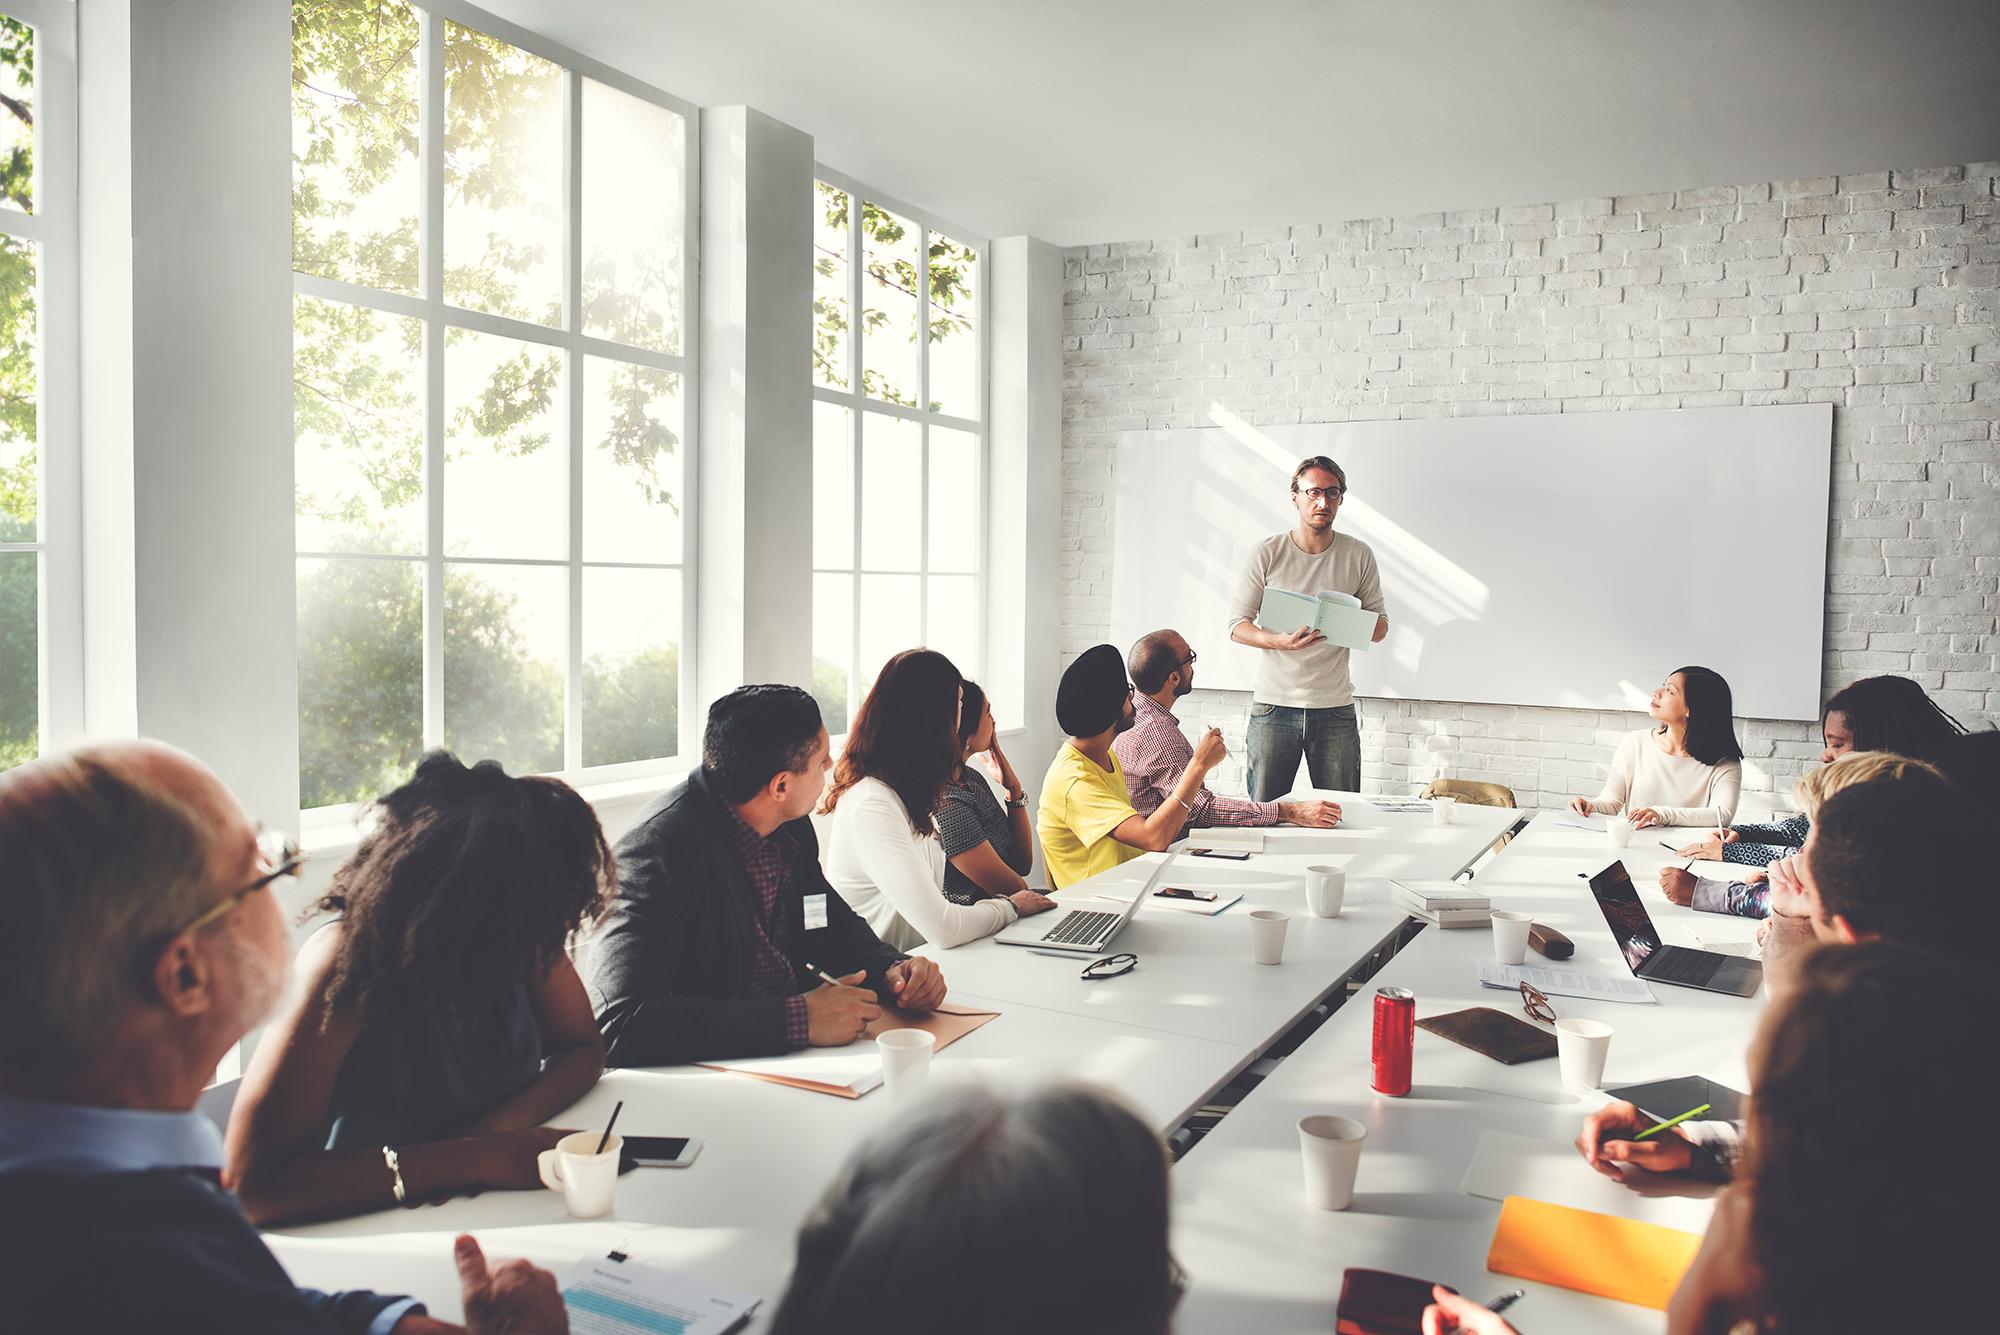 Cómo mejorar tu conocimiento en Moodle a través de nuestra formación in company